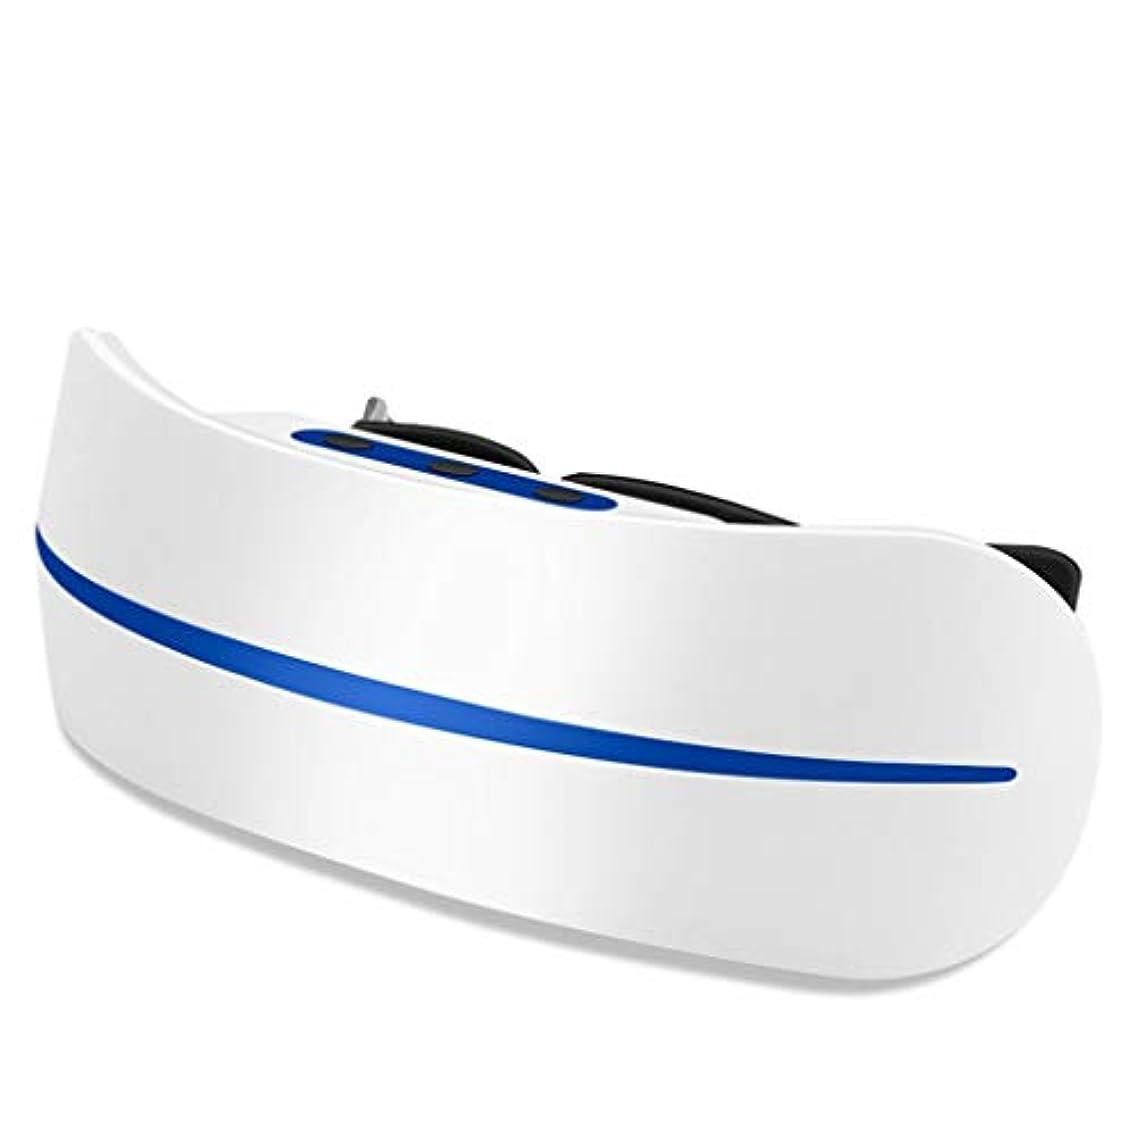 パット蓮徹底的にアイマッサージャー視力回復剤アイ近視矯正アイプロテクターアイプロテクション軽減疲労ダークサークルアイマスク